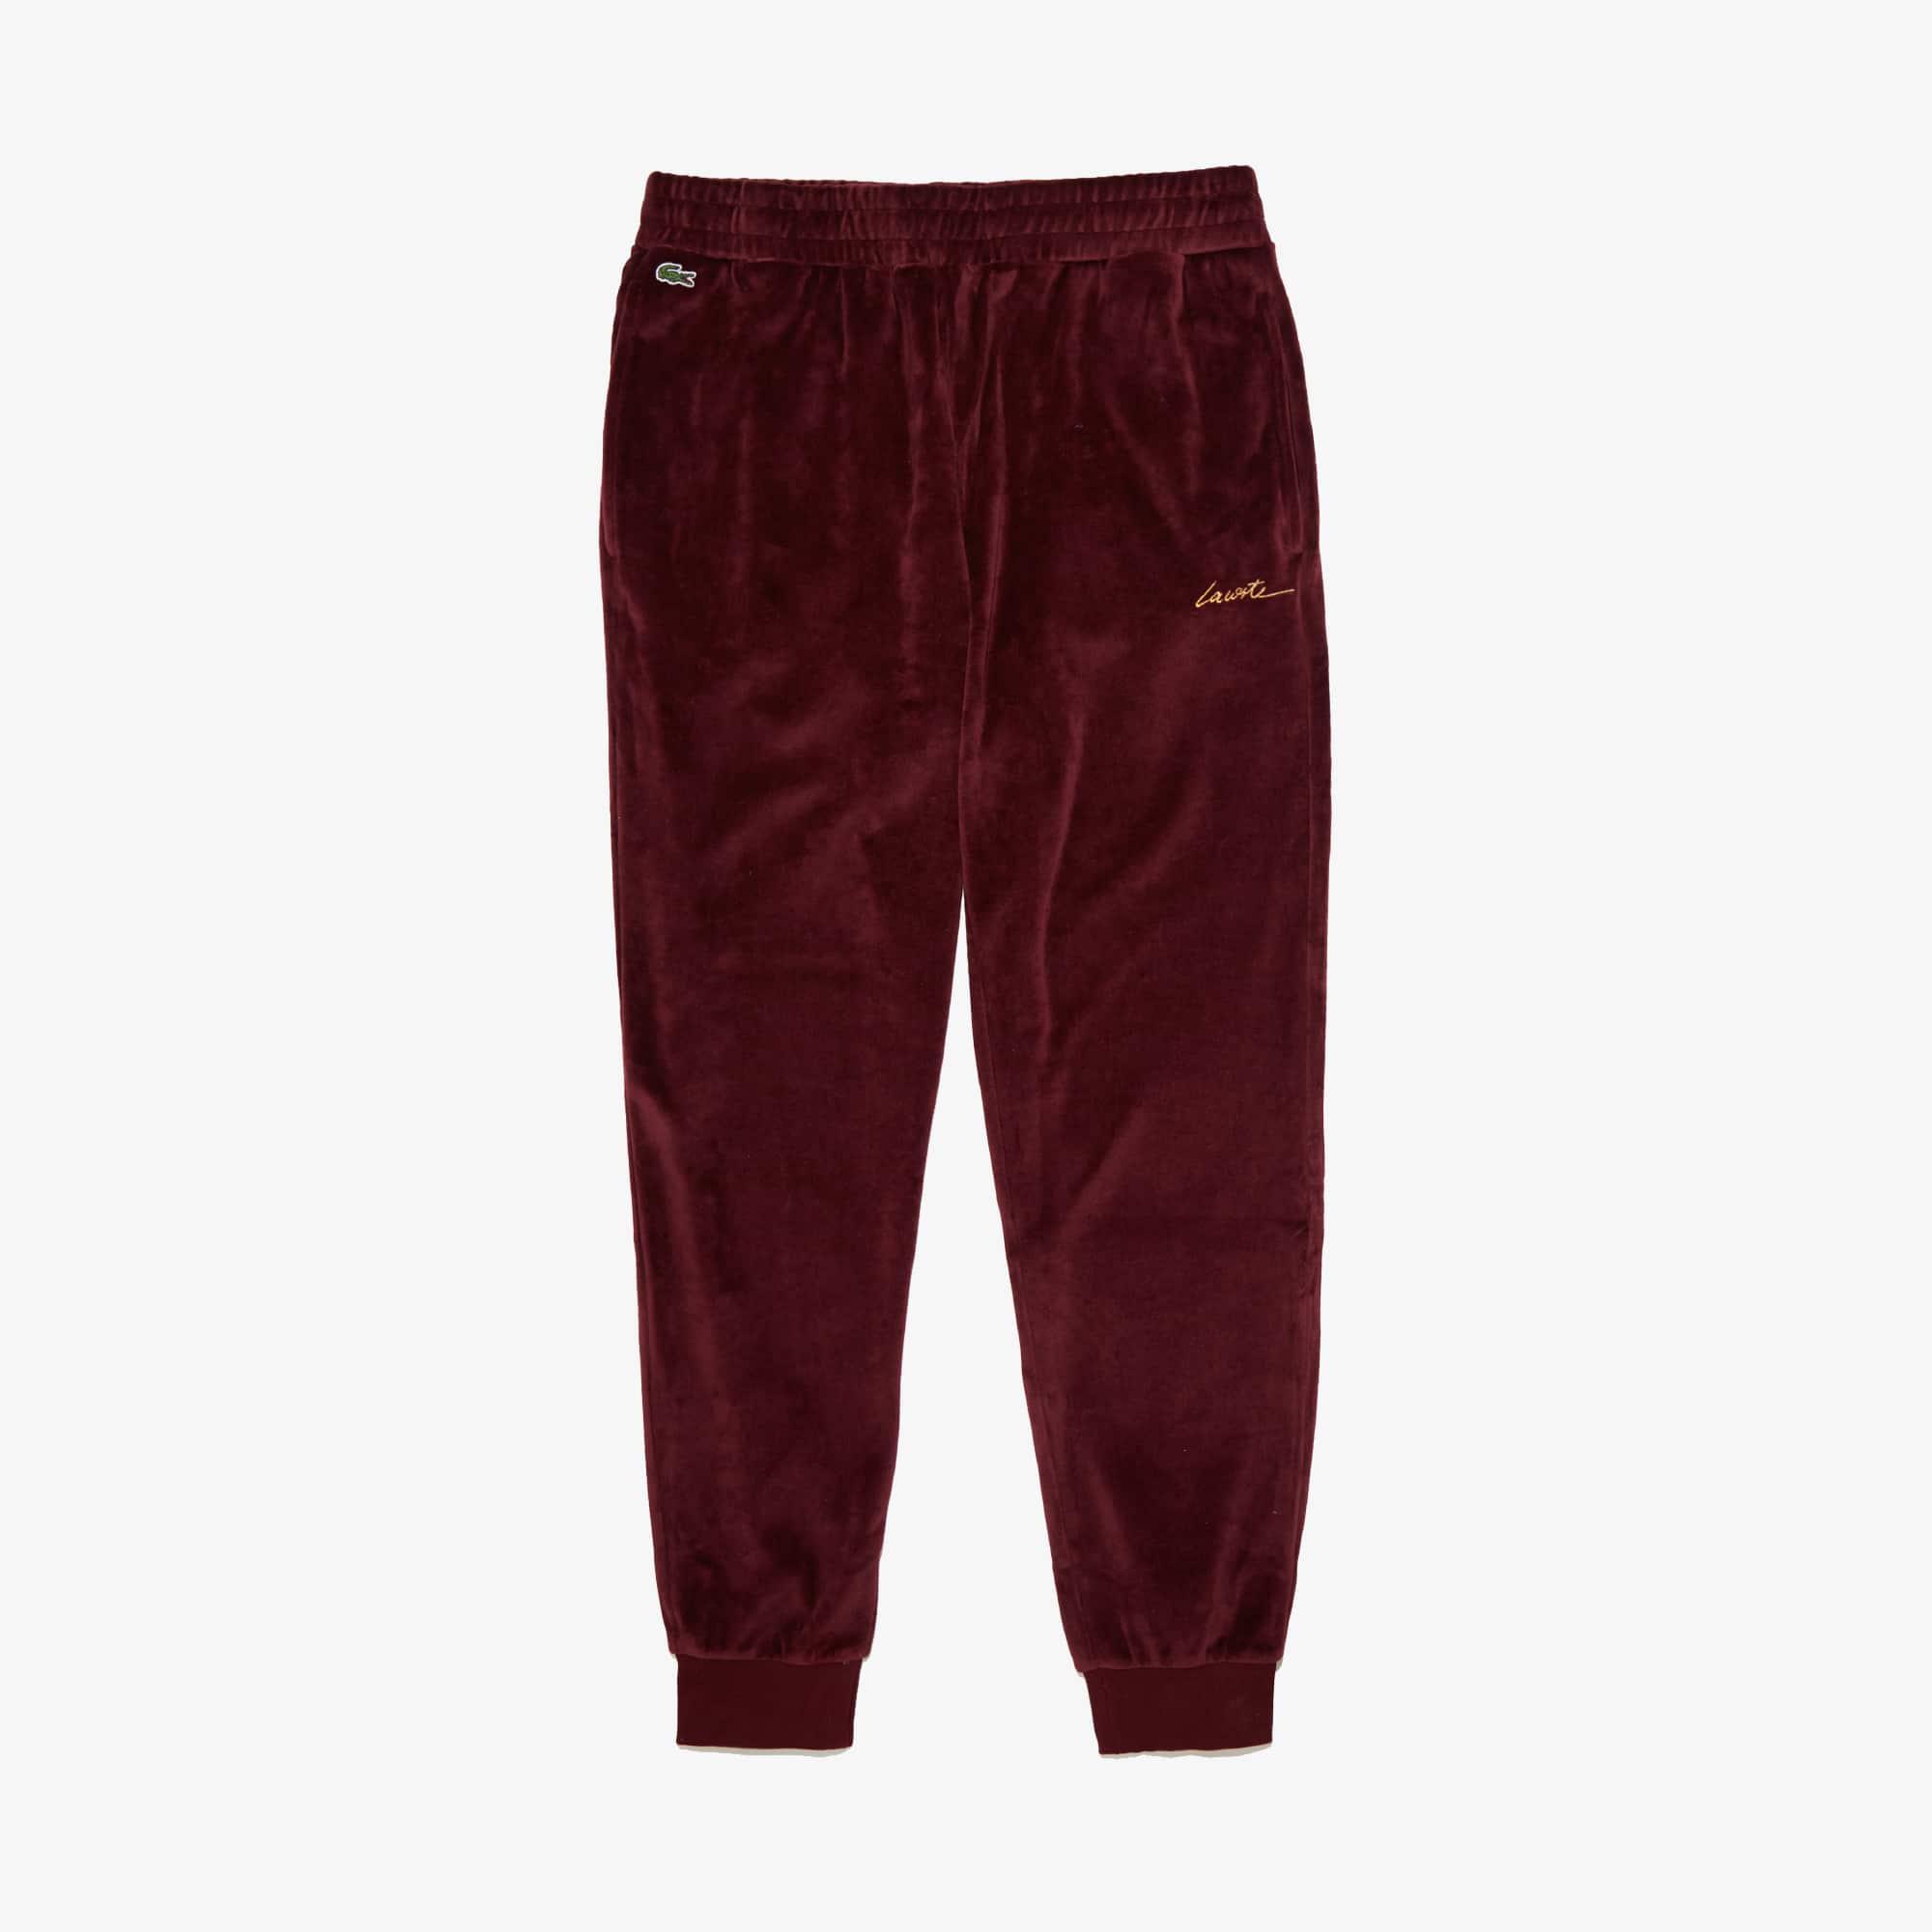 Lacoste Pants Men's LIVE Golden Signature Velvet Sweatpants